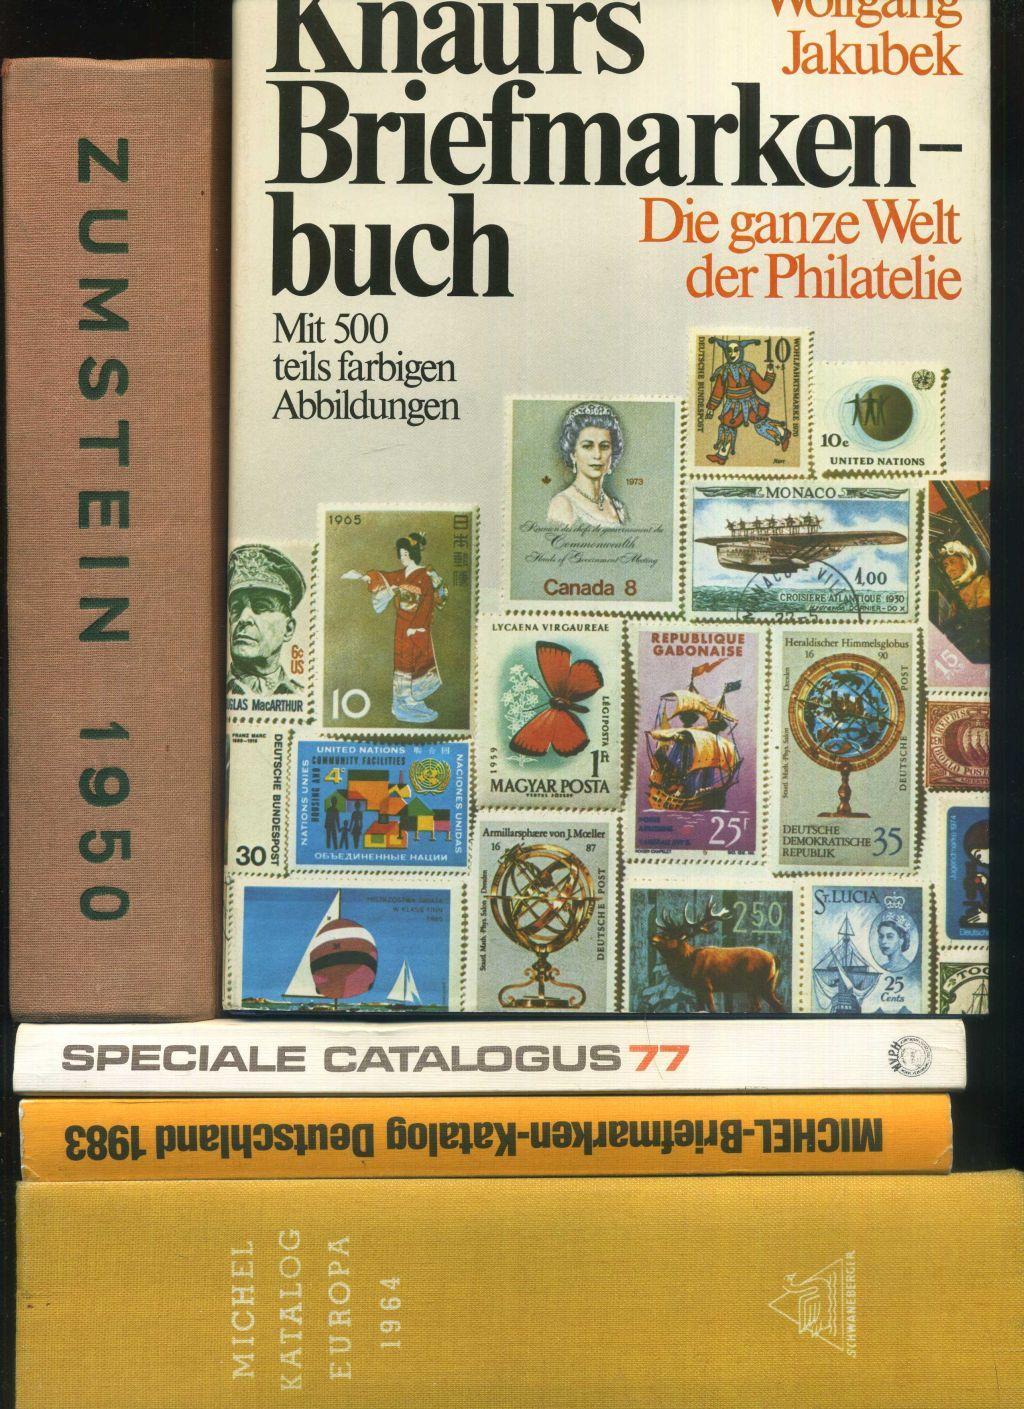 Konvolut von 5 Büchern zum Thema Briefmarken: Michel Katalog Briefmarken